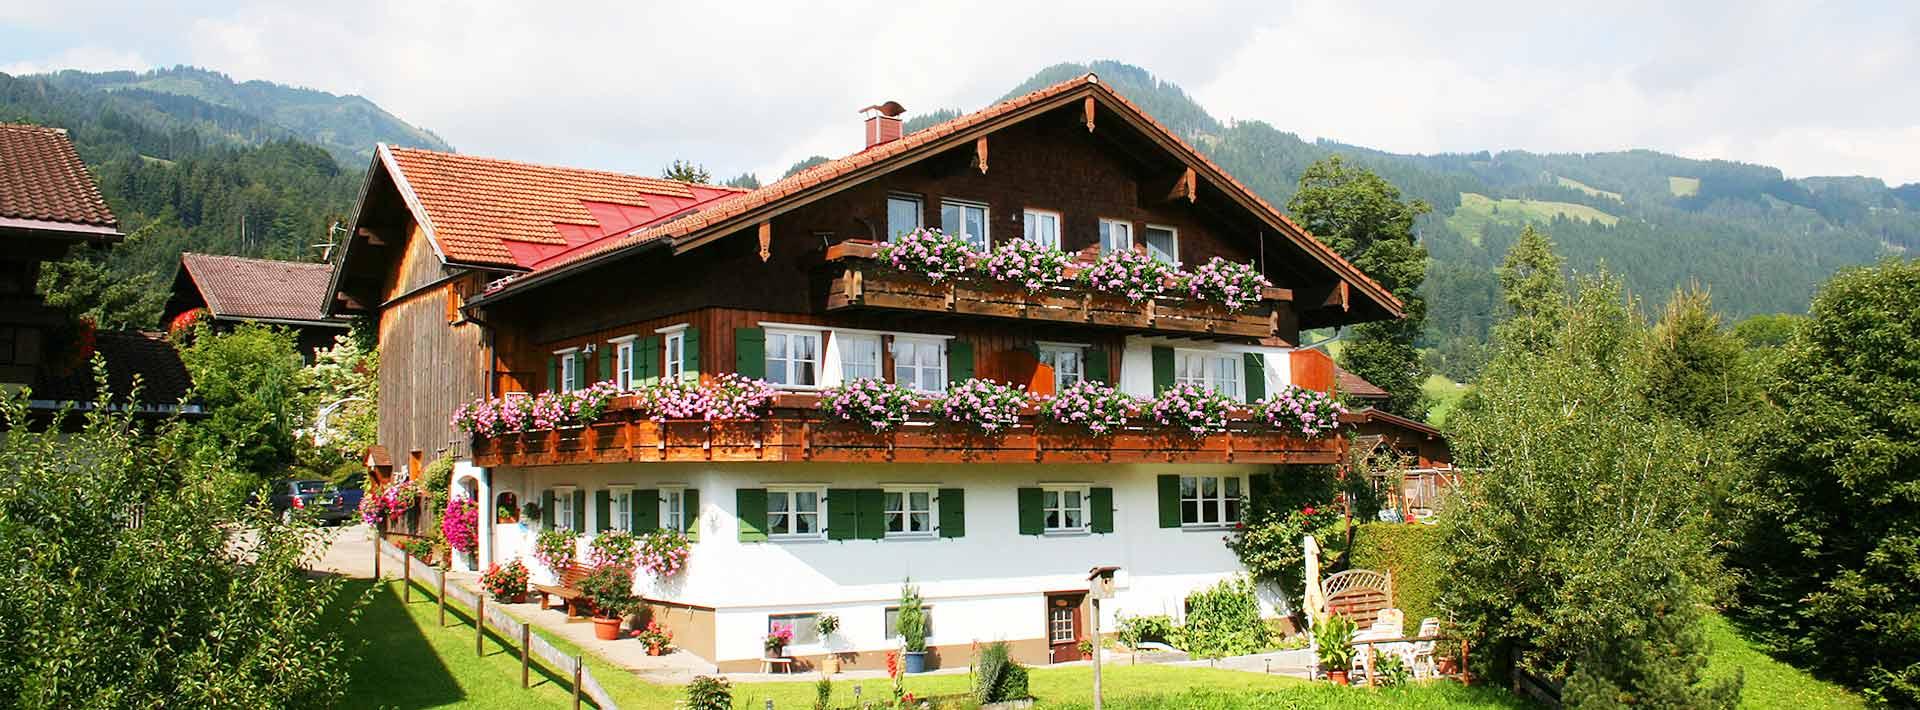 Wohnen in Obermaiselstein